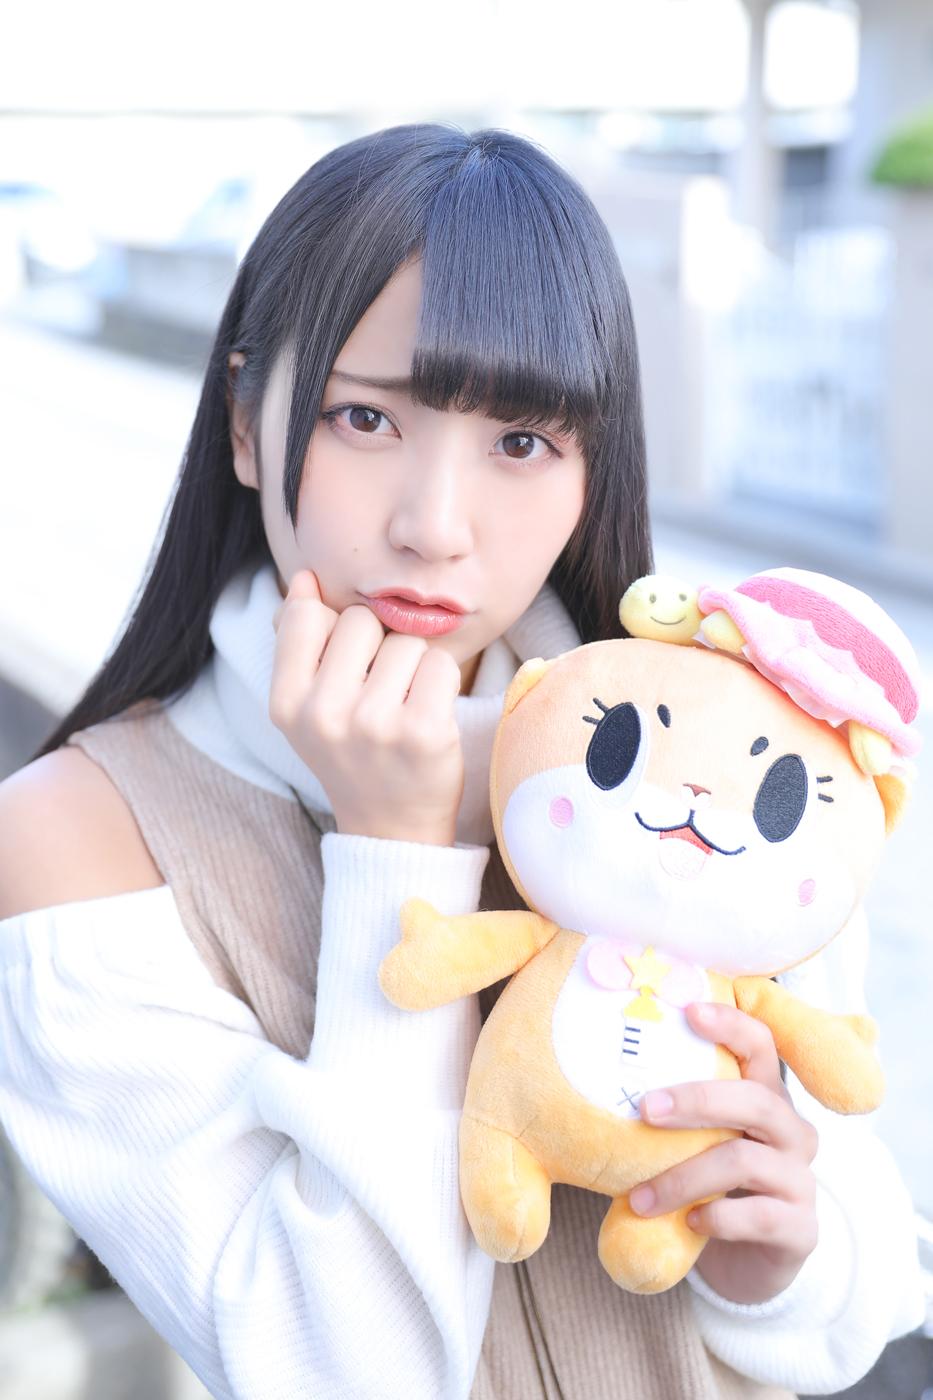 ちぃたん☆の画像 p1_30